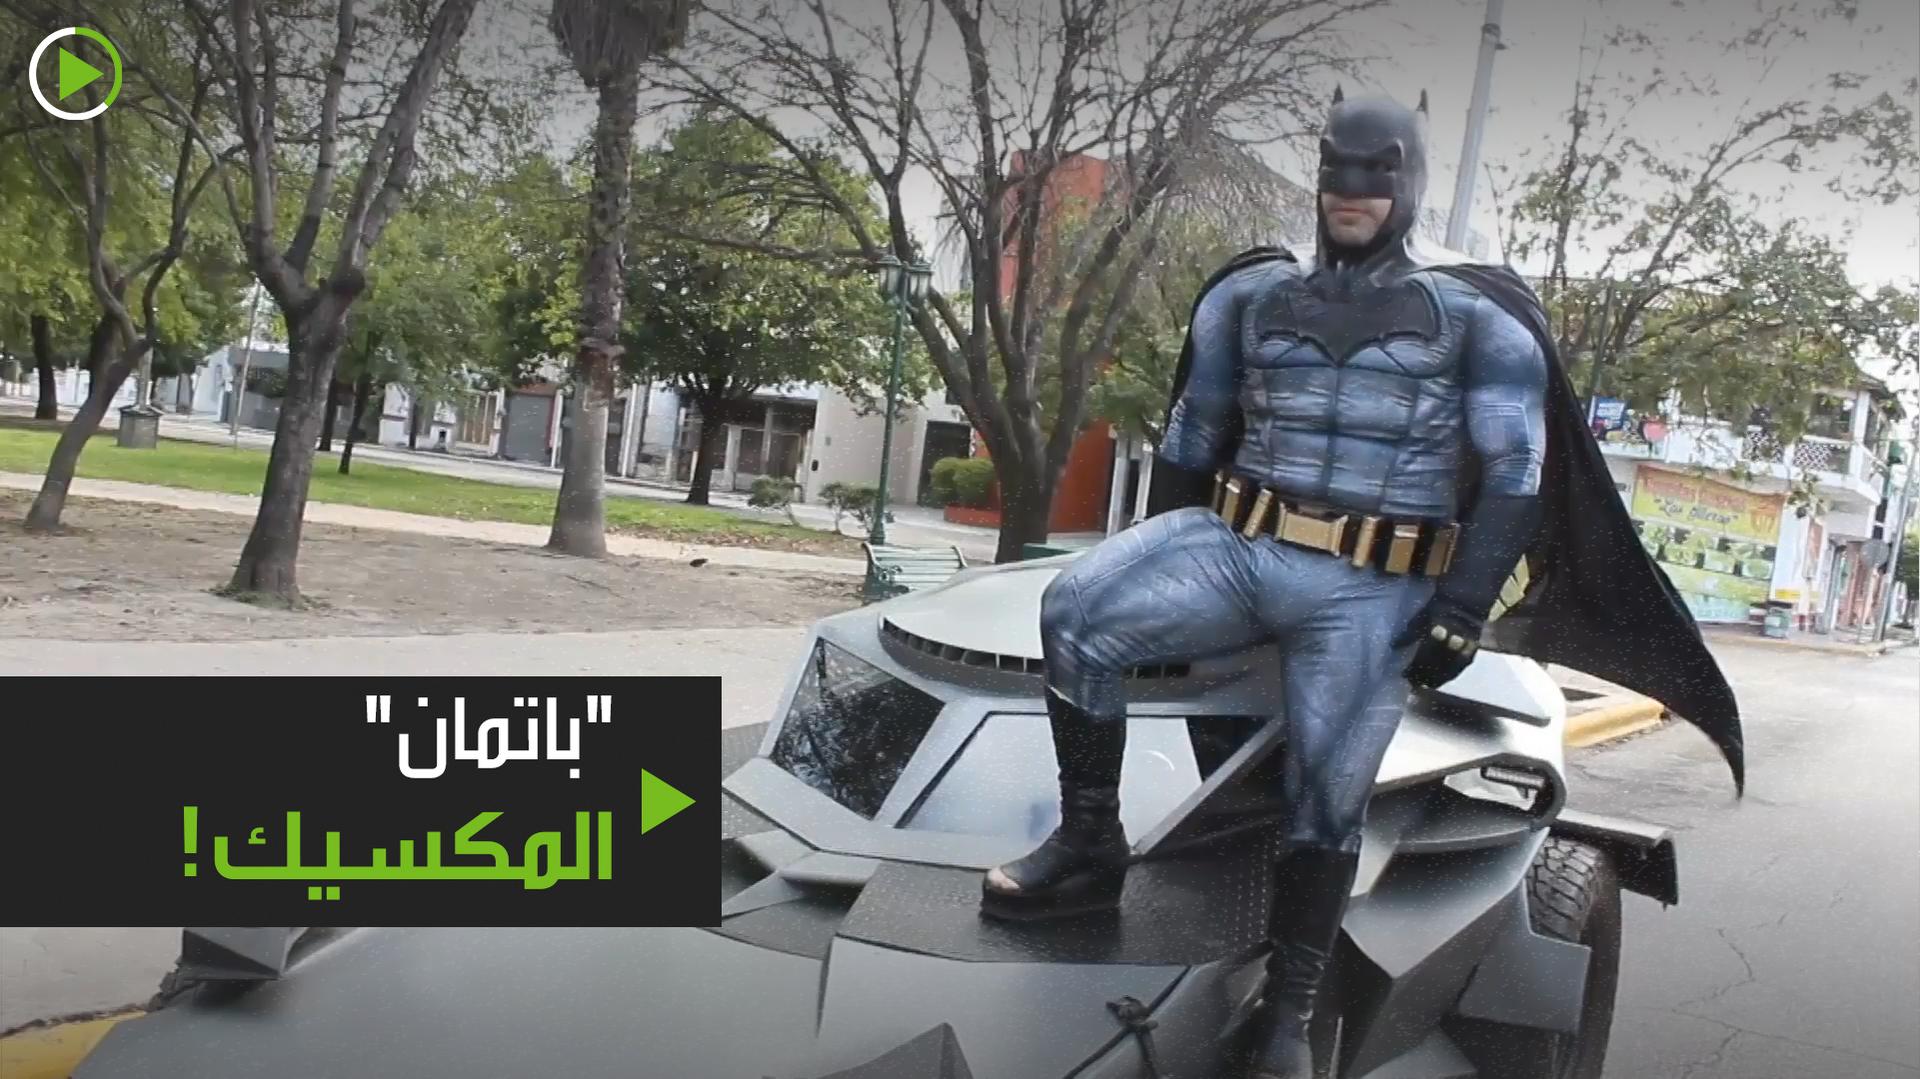 باتمان المكسيكي ينصح الناس البقاء في منازلهم